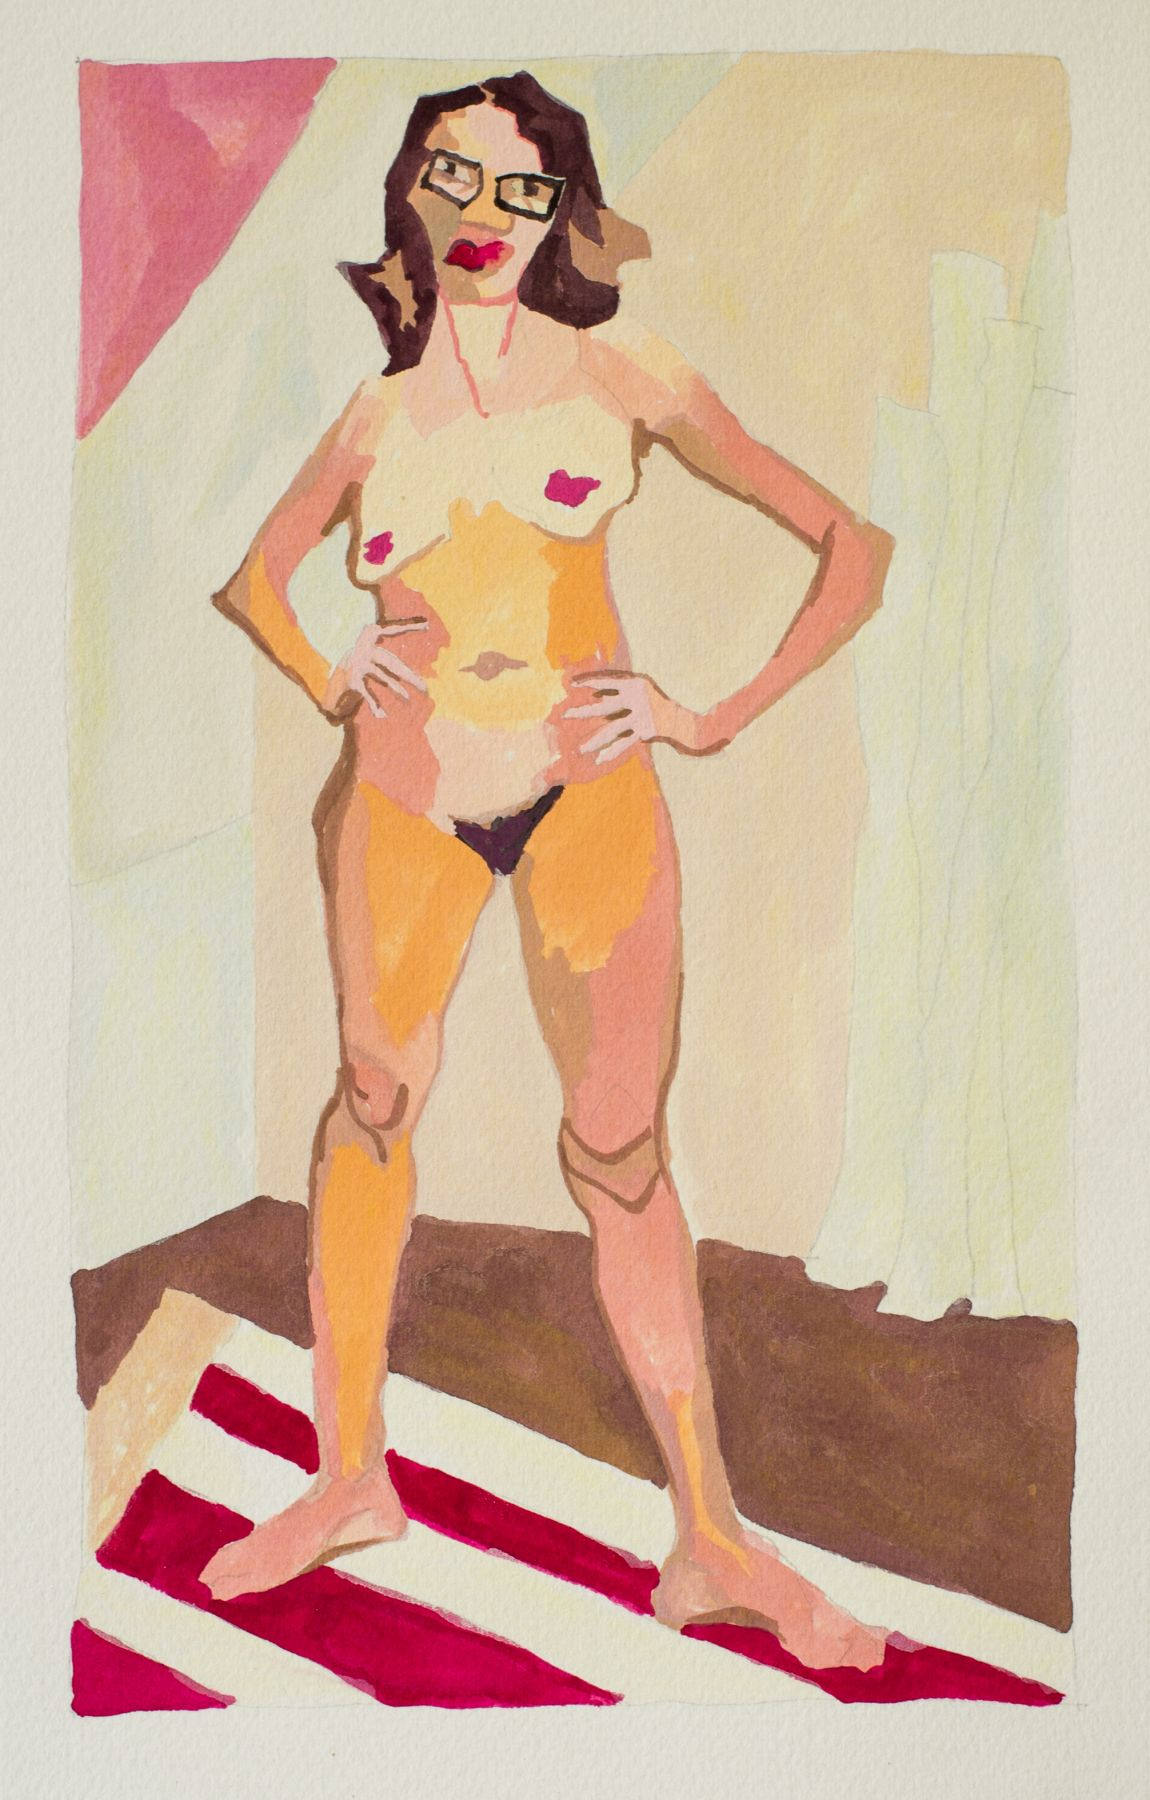 RUTH OWENS, Art Lady (Study), 2017